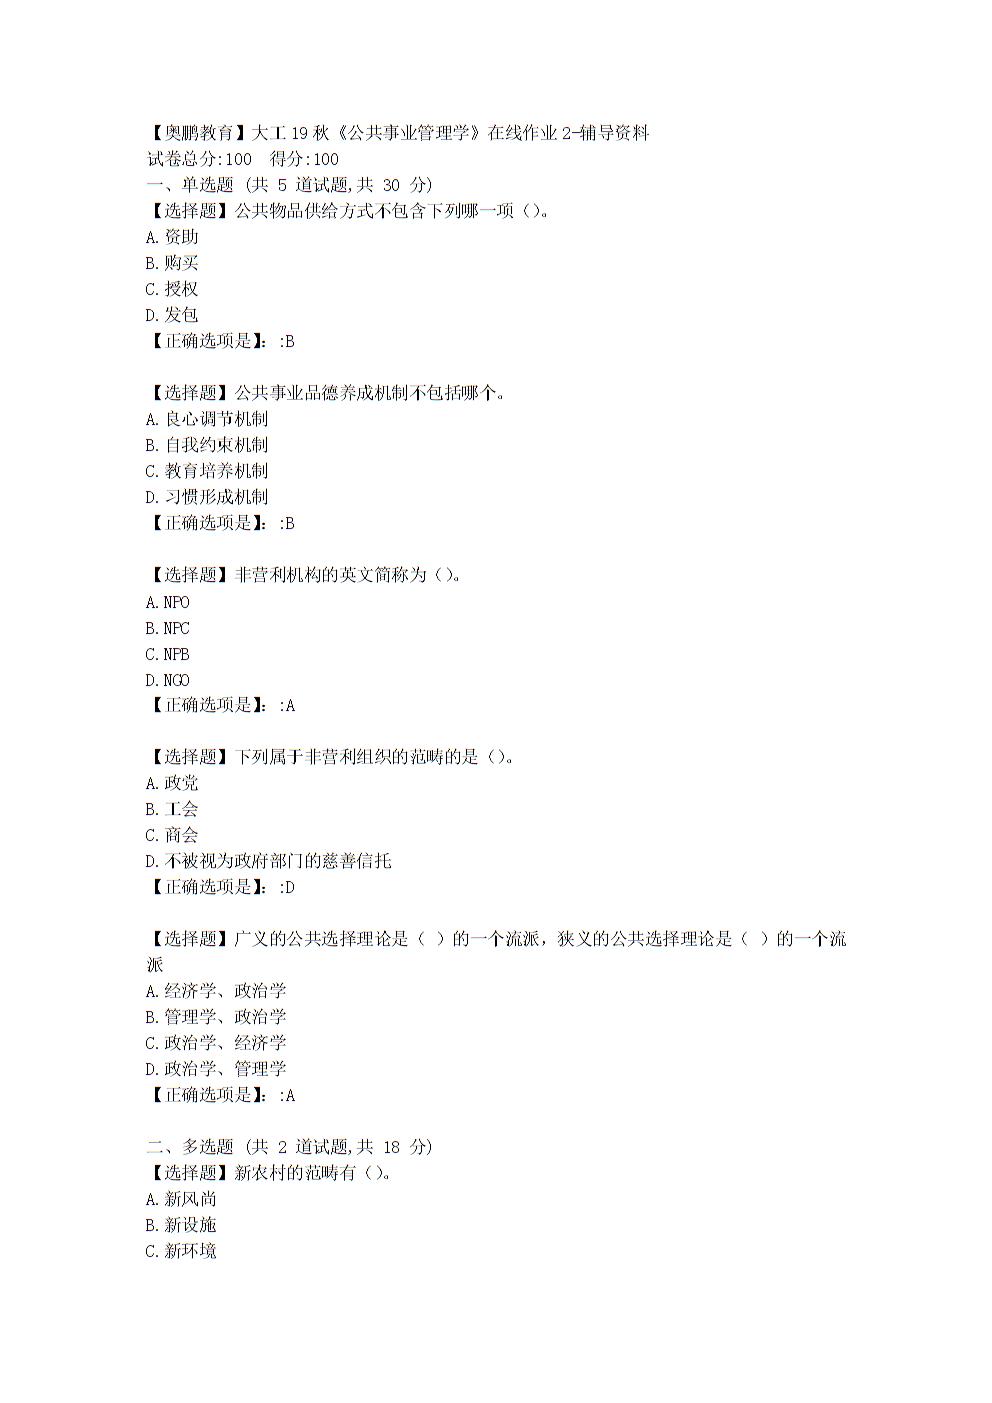 大连理工大学19秋《公共事业管理学》在线作业2学习资料.doc